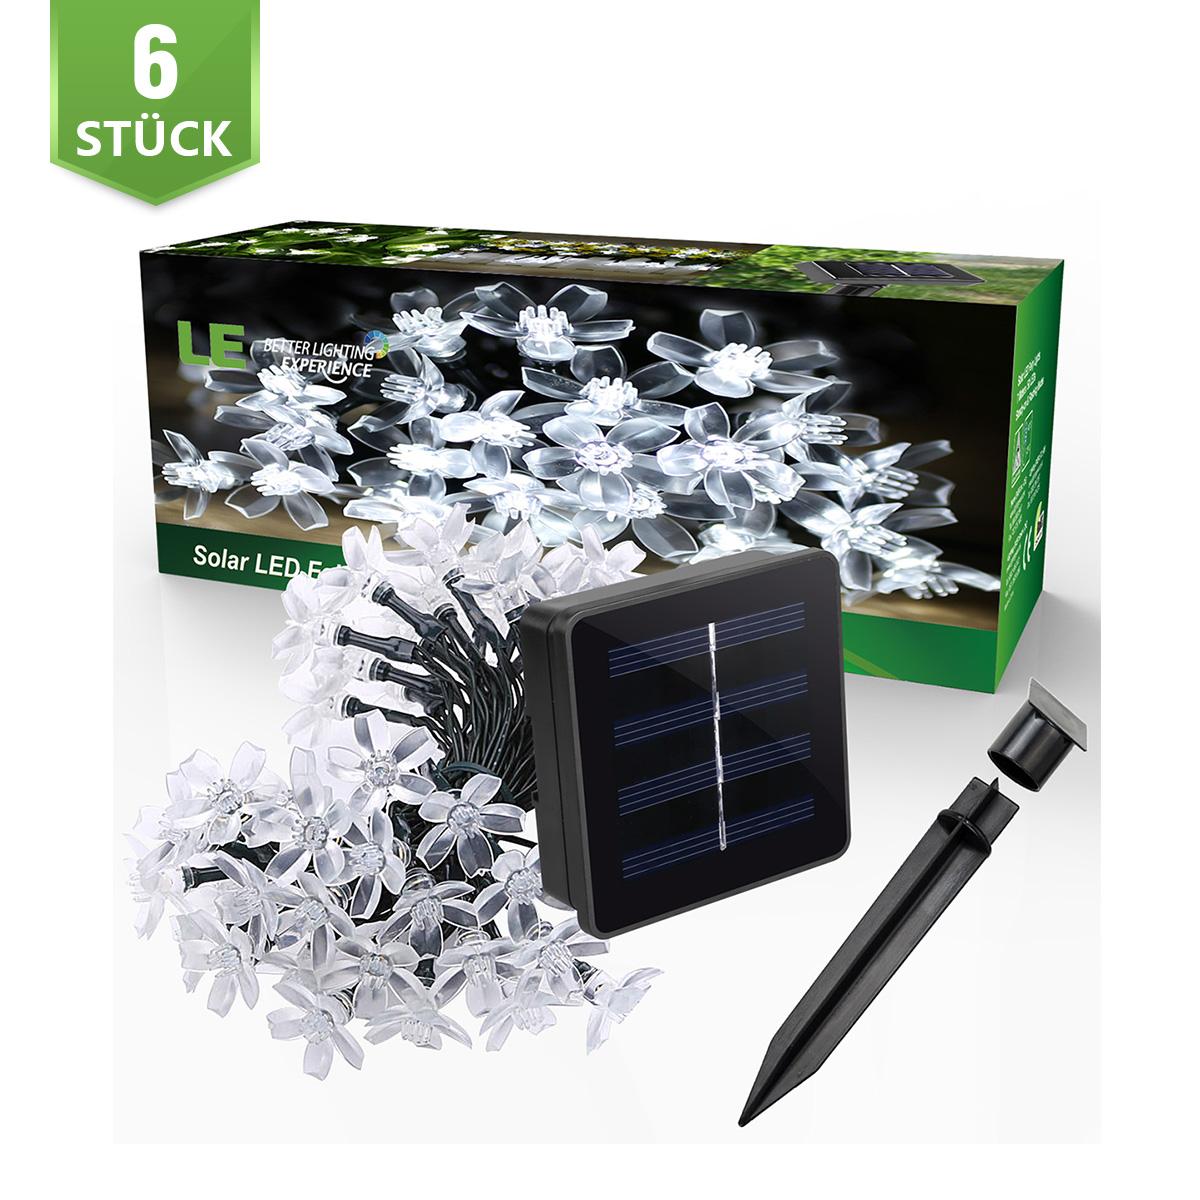 [Bündel] Warmweiß Solar Lichterkette Blummen, 5M, Wasserdicht, 1,2V, Lichtsensor, Warmweiß, Weihnachtsbeleuchtung, 6er Set